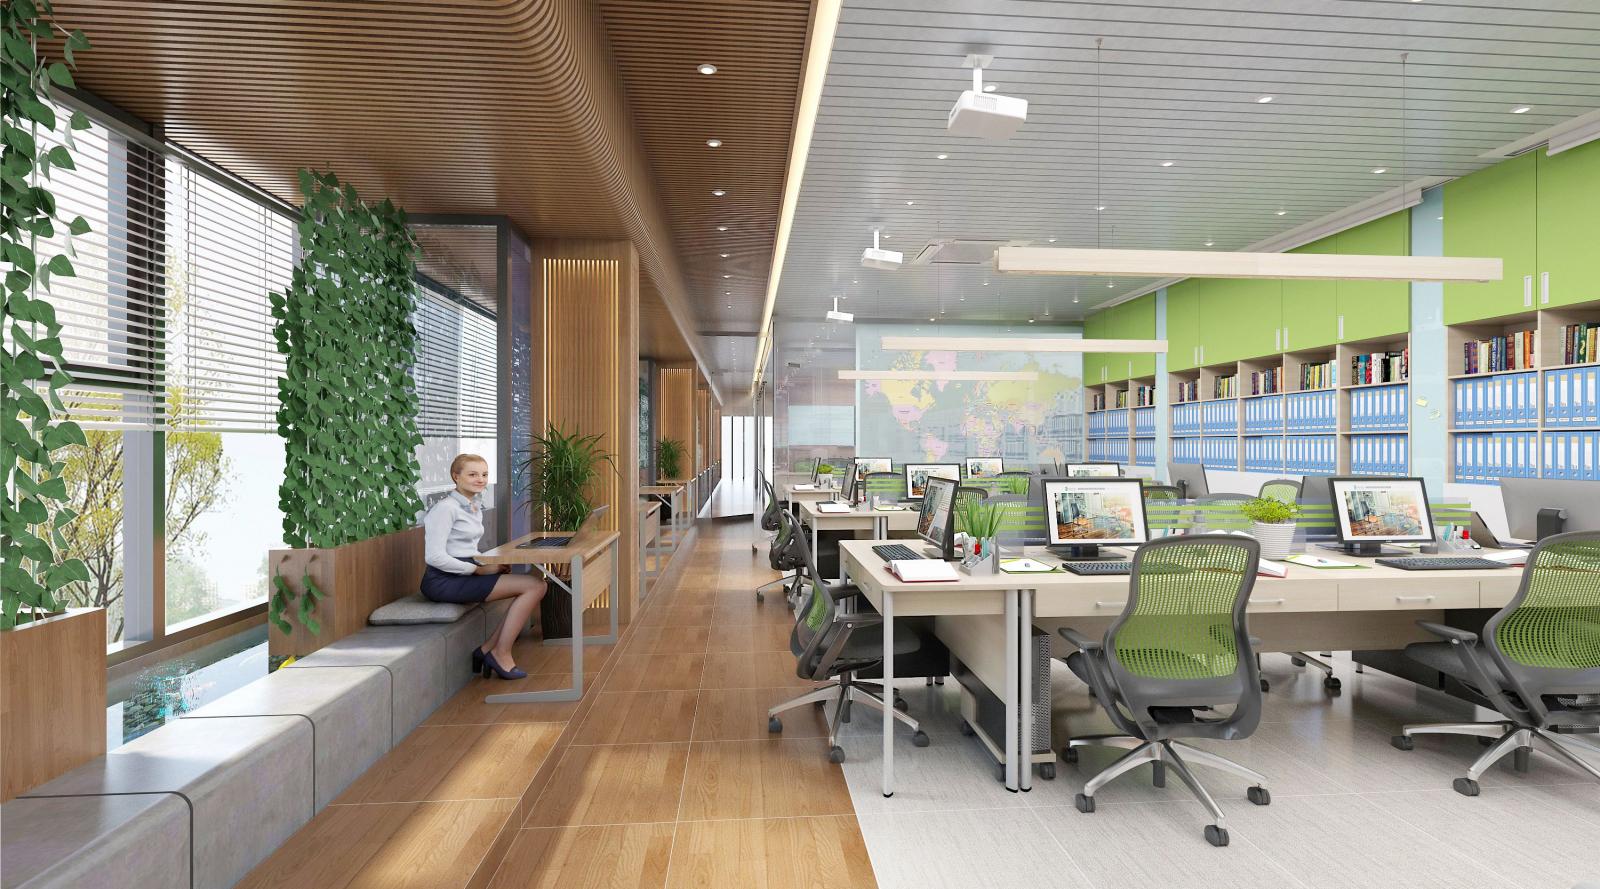 Thiết kế nội thất văn phòng với cây xanh để tạo không khi tươi mát cho văn phòng